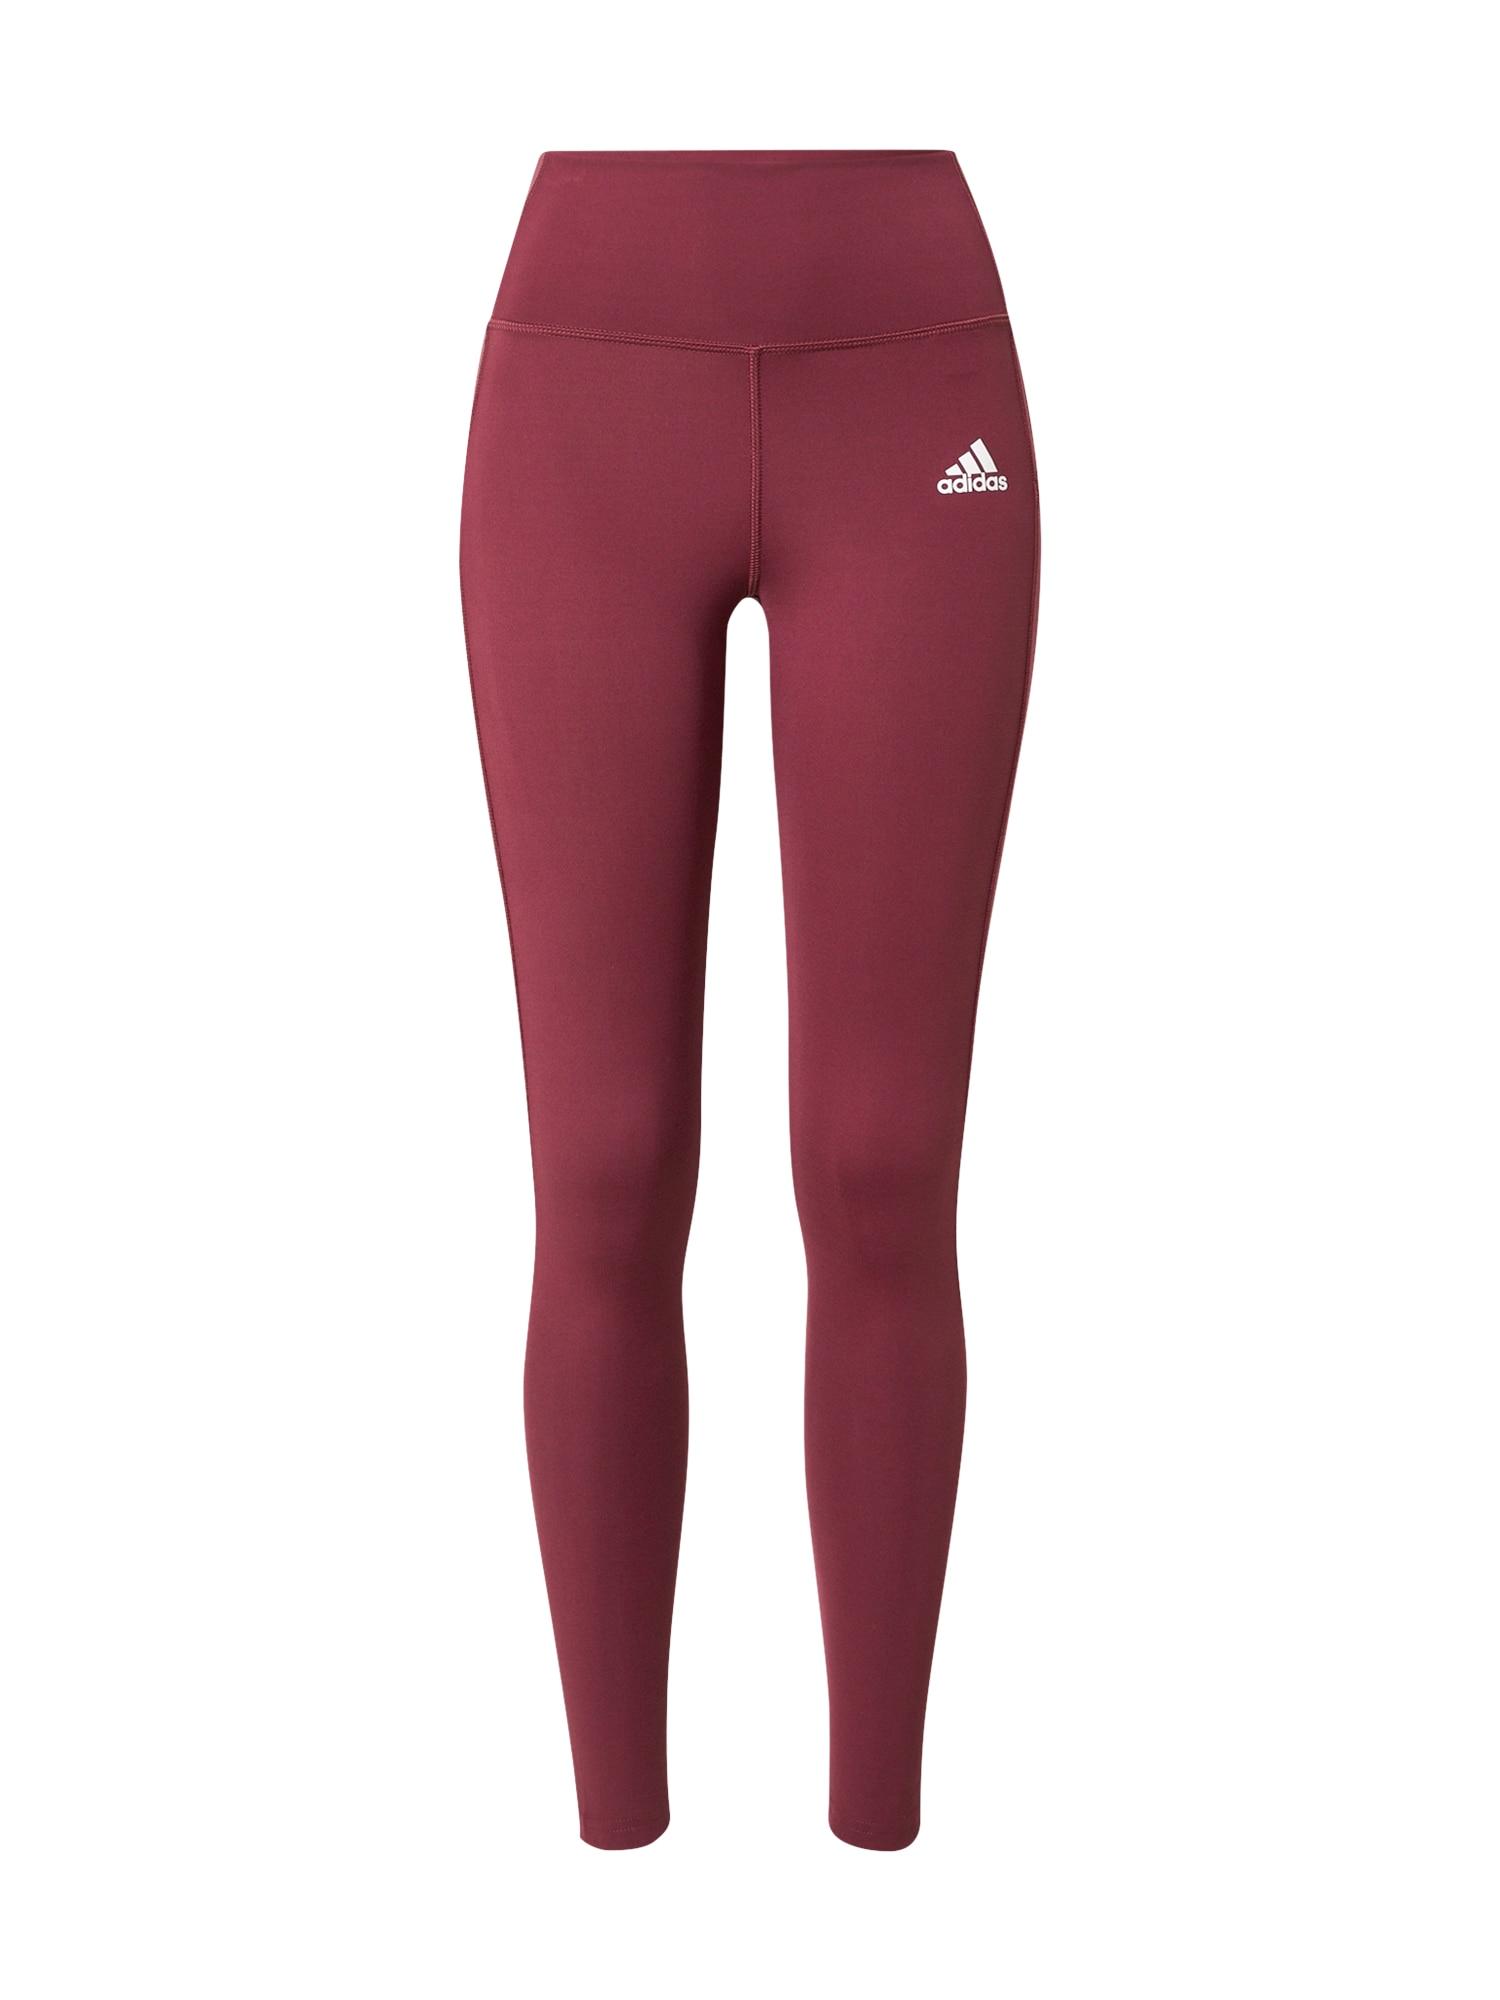 ADIDAS PERFORMANCE Sportovní kalhoty  bordó